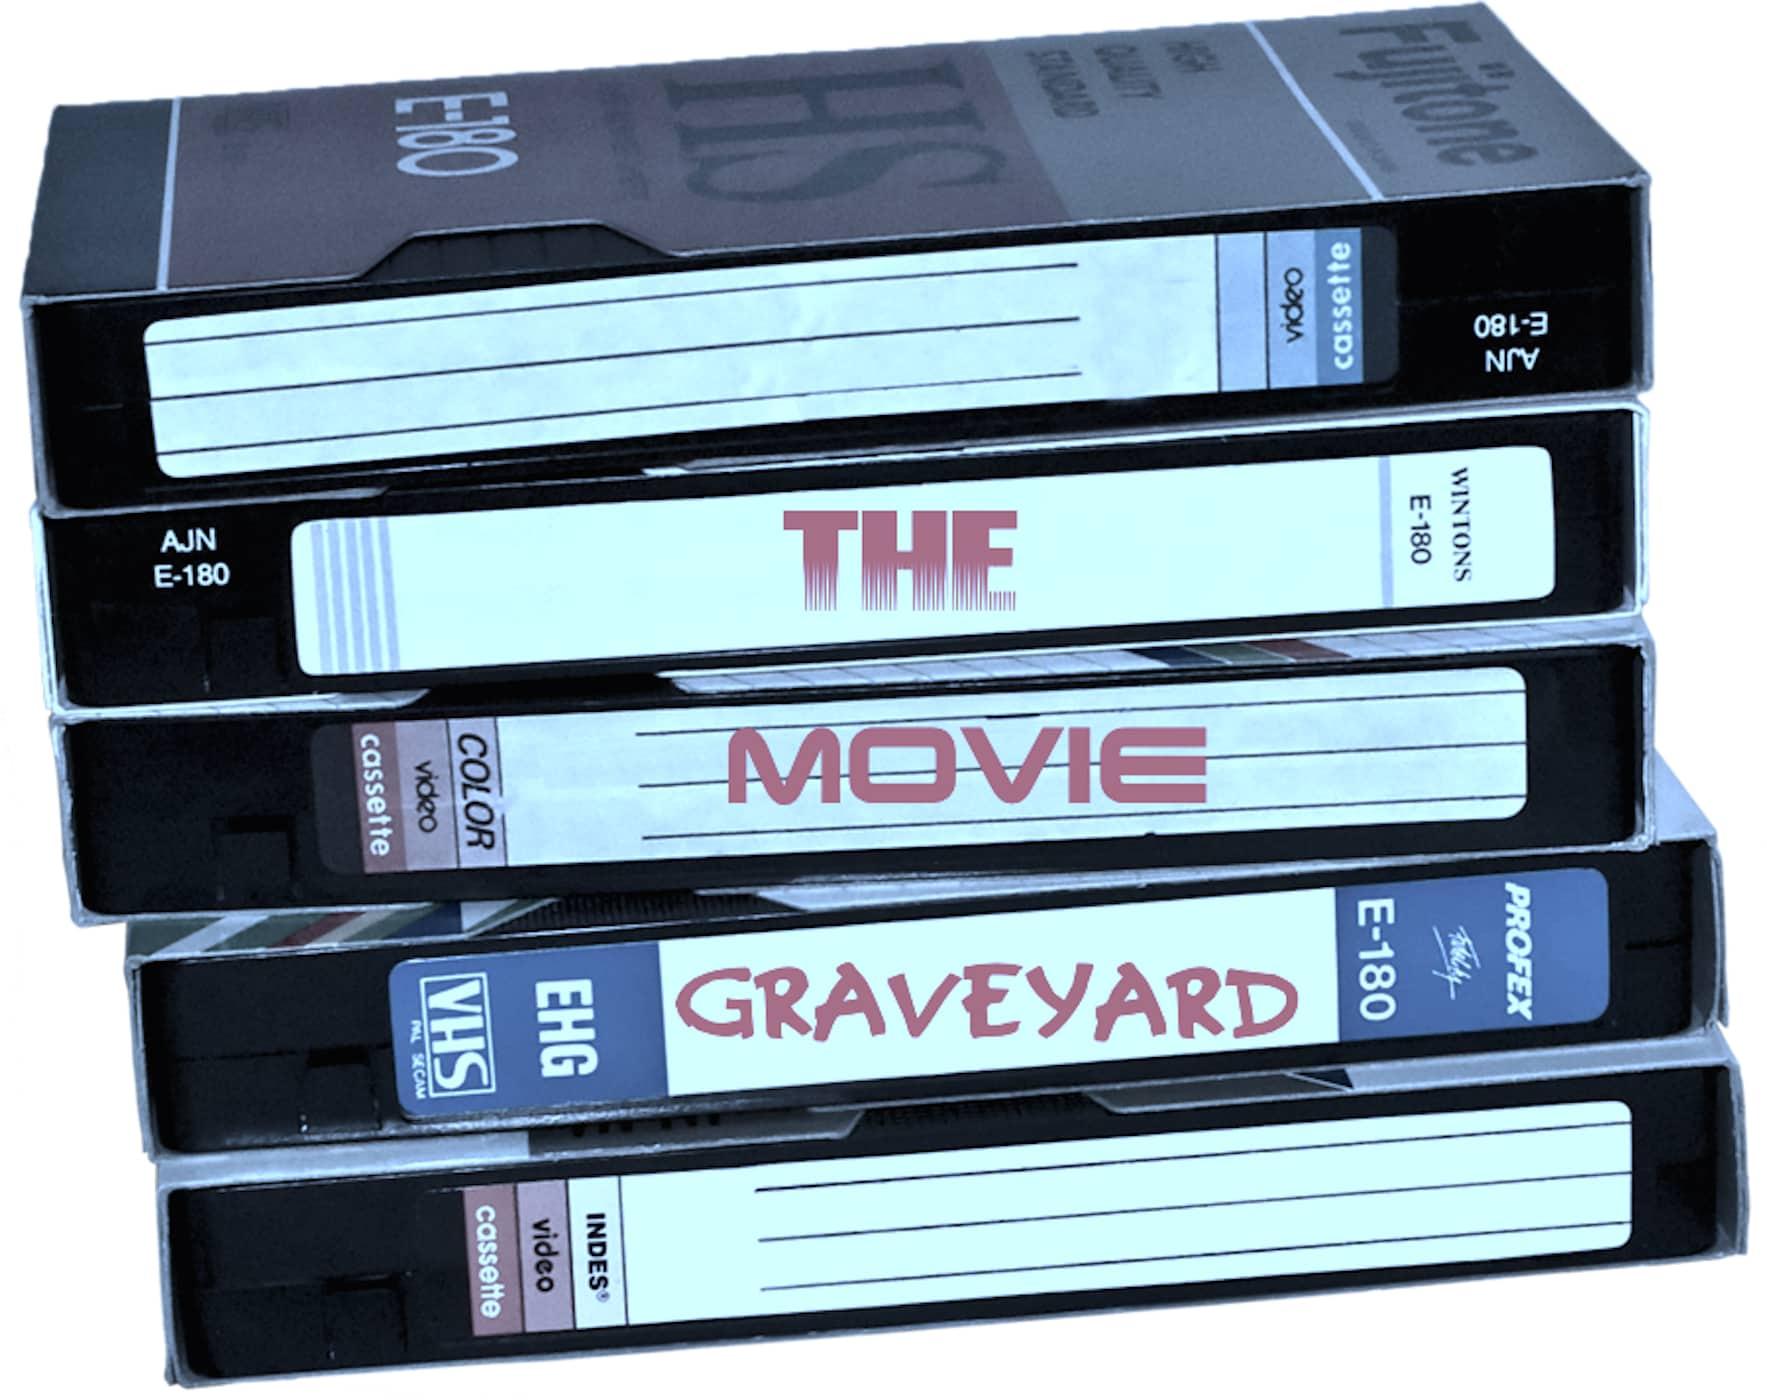 movie-graveyard.jpg